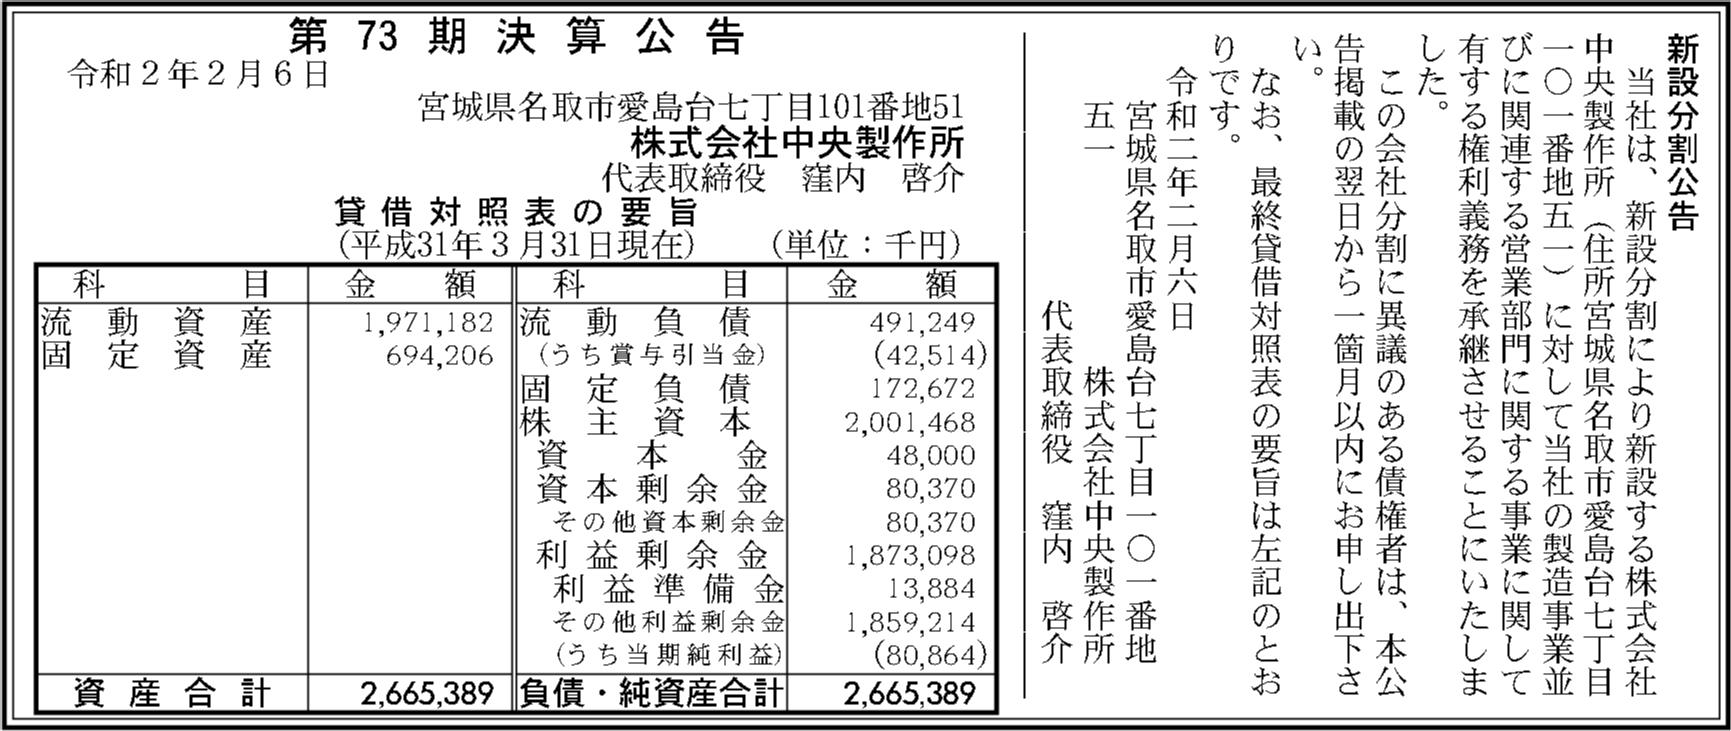 0125 fd1b16d25d4bec78ca78cfcc10c164eb6298a5de2b541a874581f2343018193d3af93c2dd8087fc51c8220b2b8c88aeeda90570d4276edf910c6755199c0d96e 04